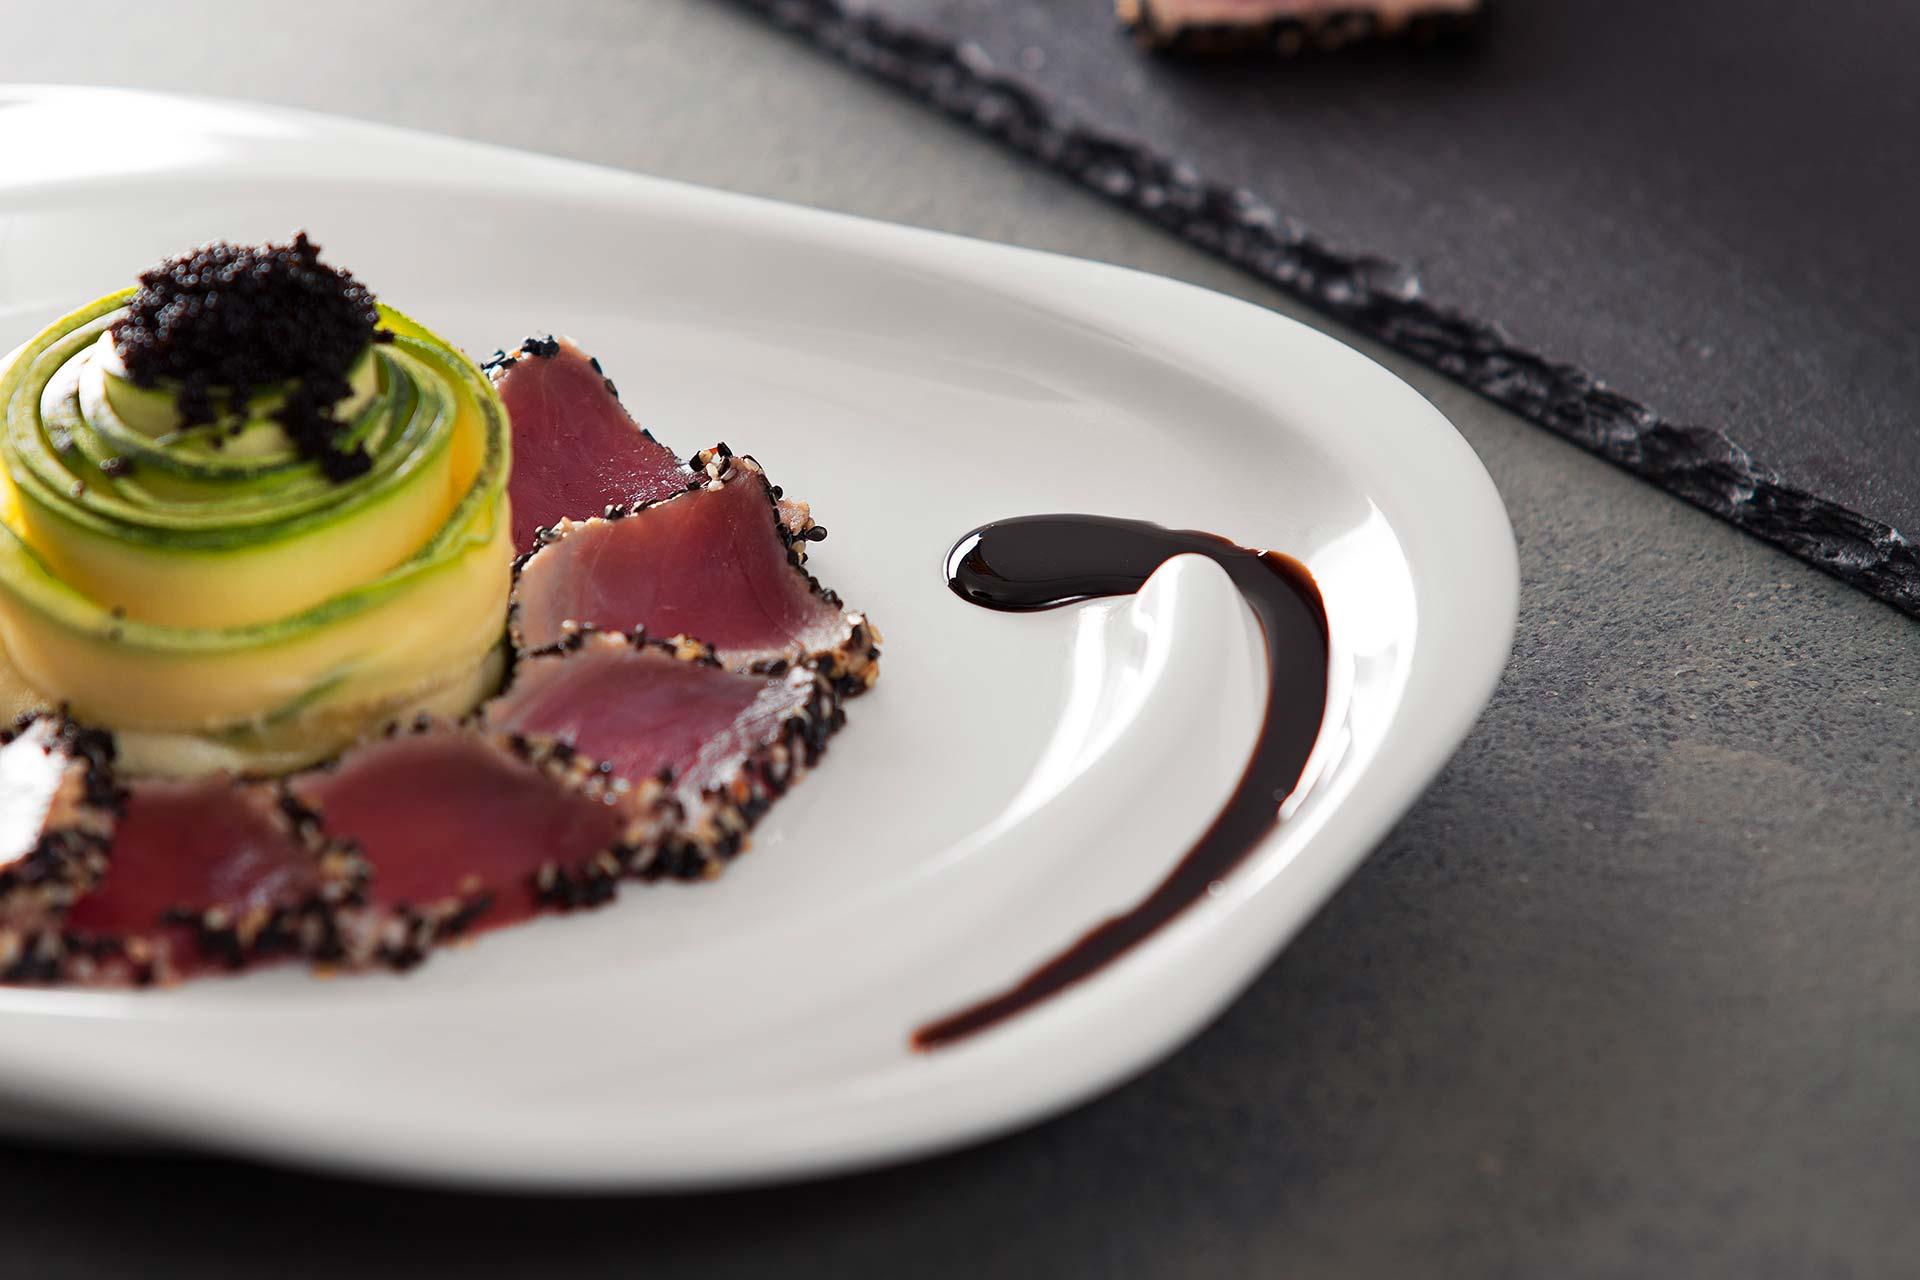 Imagem: Nada melhor do que receber os amigos surpreendendo, certo? O prato Spiral da Oxford possui cavidade para colocação de molhos na finalização de pratos.